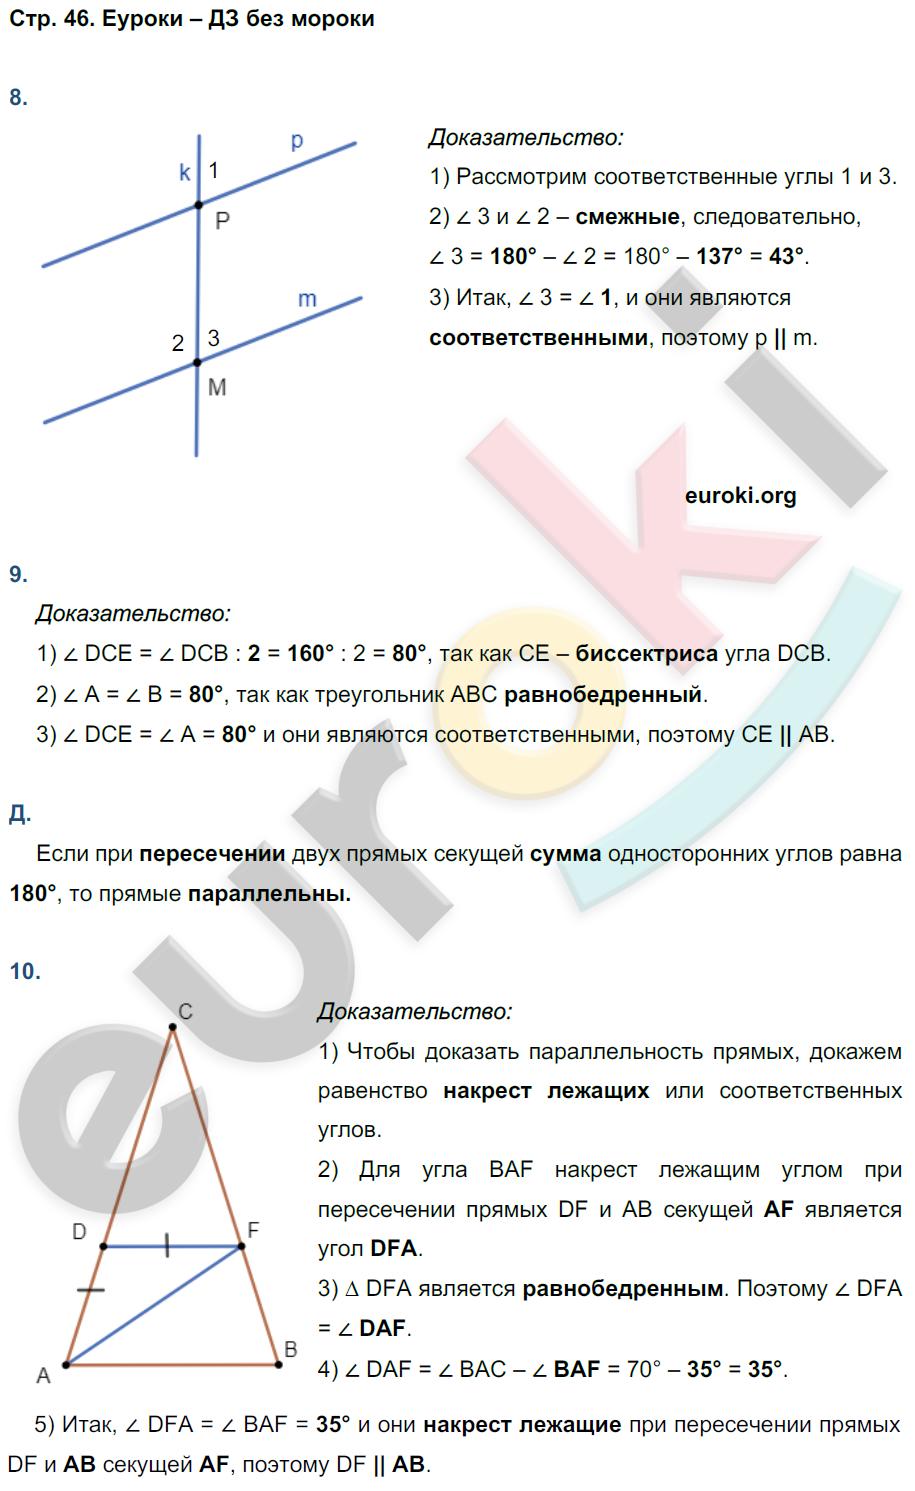 ГДЗ по геометрии 7 класс рабочая тетрадь Глазков, Камаев. К учебнику Атанасяна. Задание: стр. 46